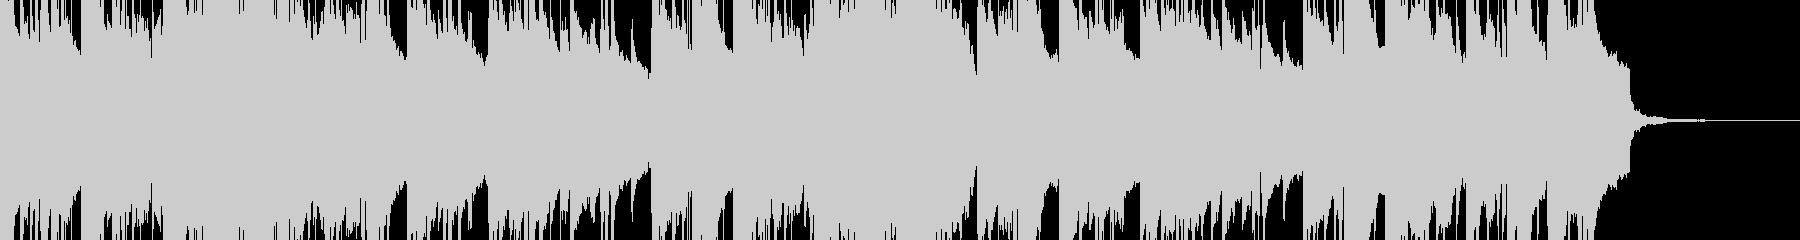 琴と電子音の混ざった幻想的な和風の曲の未再生の波形